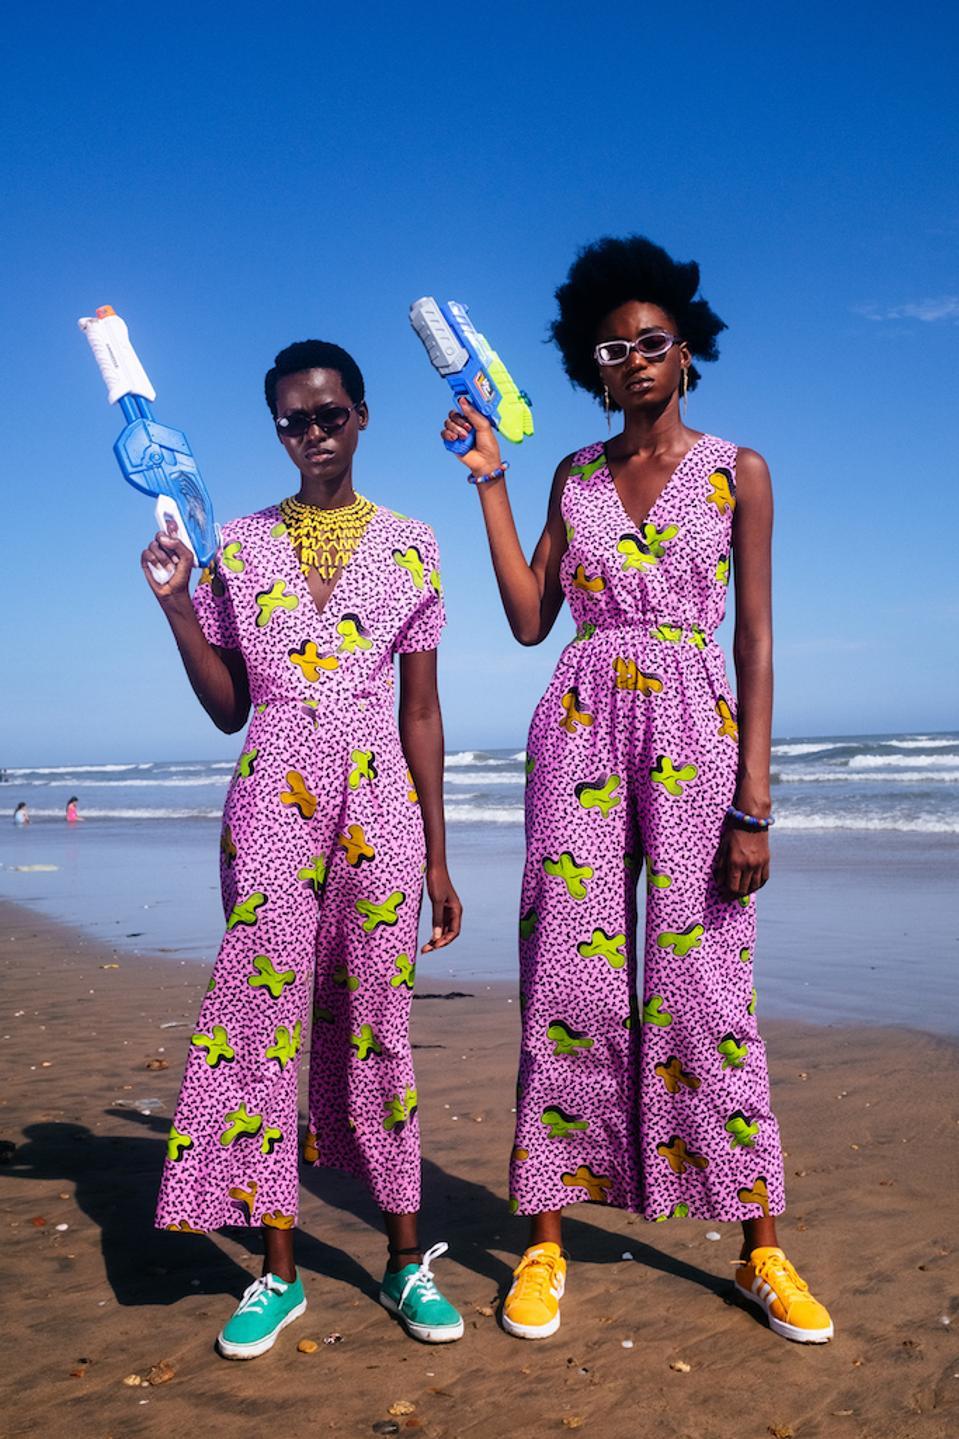 Dos modelos africanos que vestían monos con estampados de color rosa a juego en una playa blandiendo pistolas de agua.